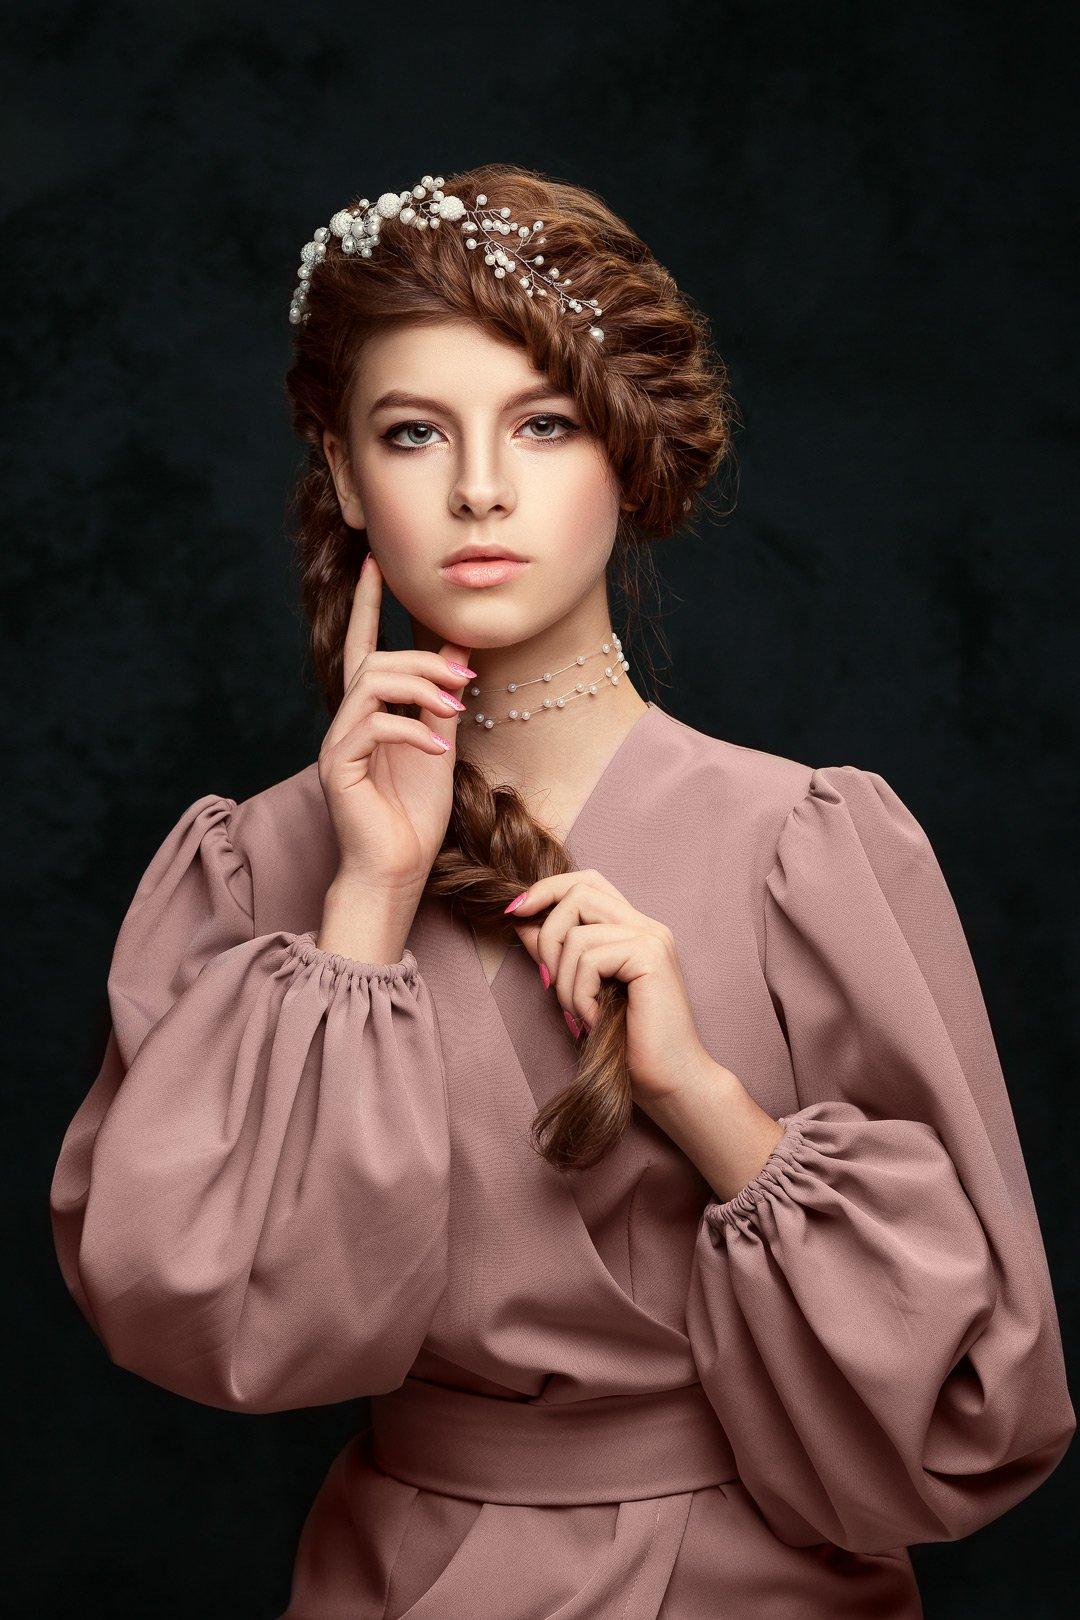 портрет, мода, бьюти, фешн, классический, образ, арт, русская красавица, Марина Кондратова